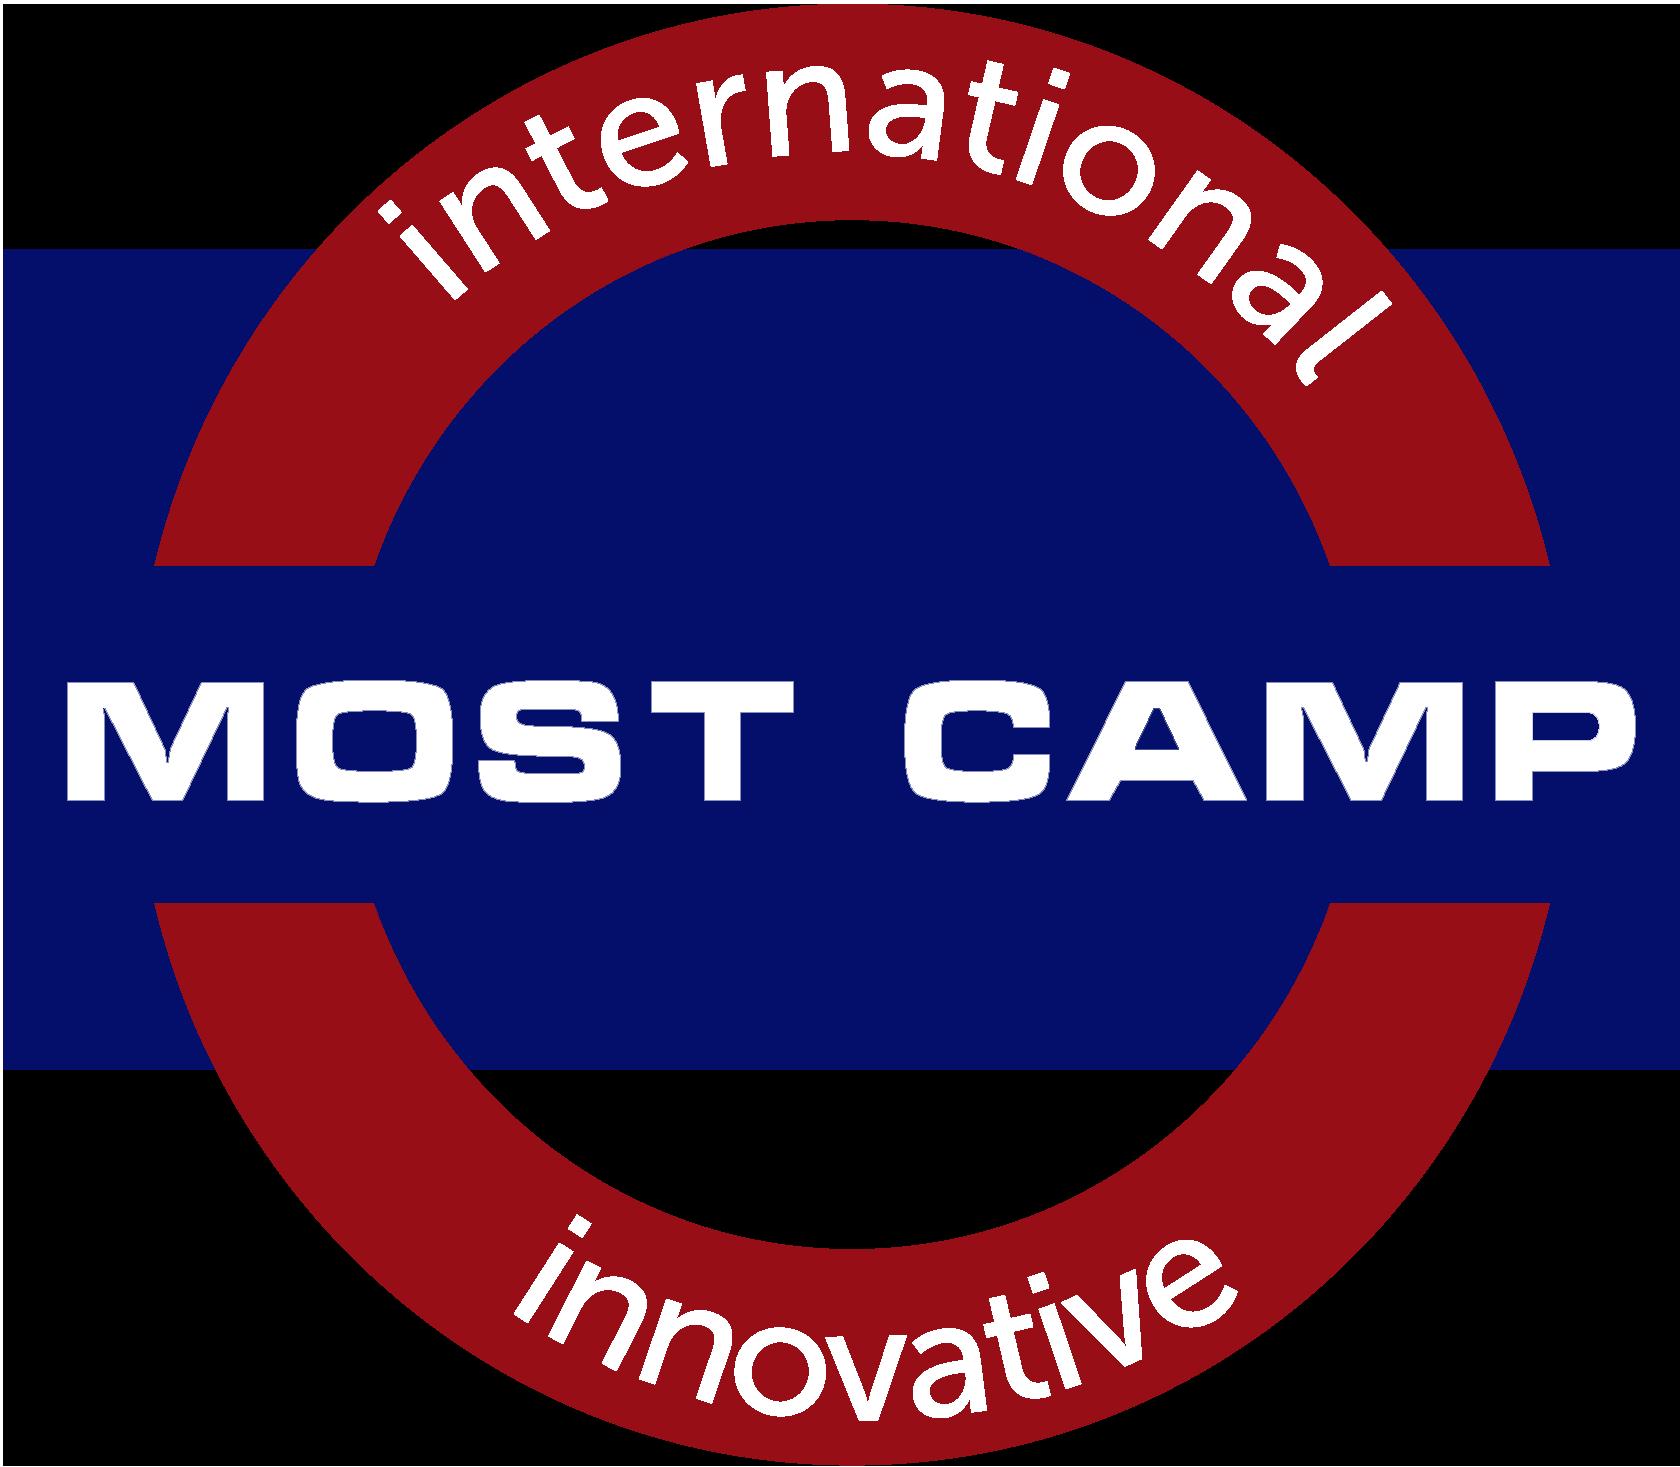 Международный инновационный лагерь MOST CAMP